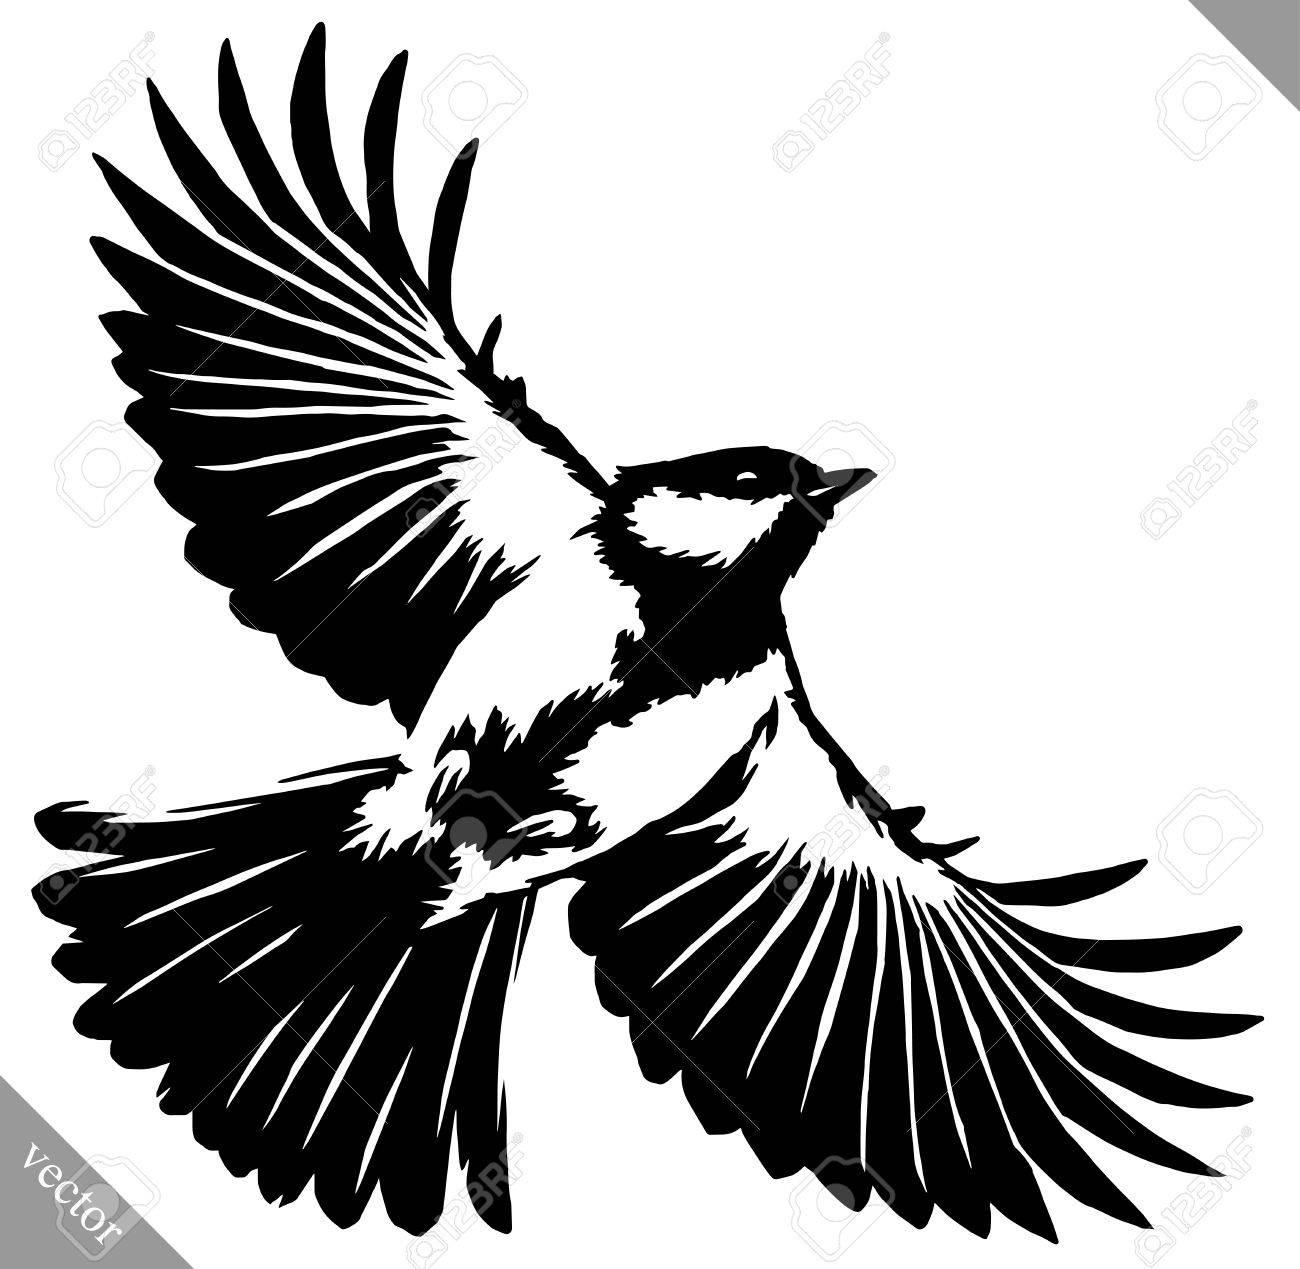 Noir Et Blanc Peinture Linéaire Dessiner Tit Vecteur Illustration Oiseau